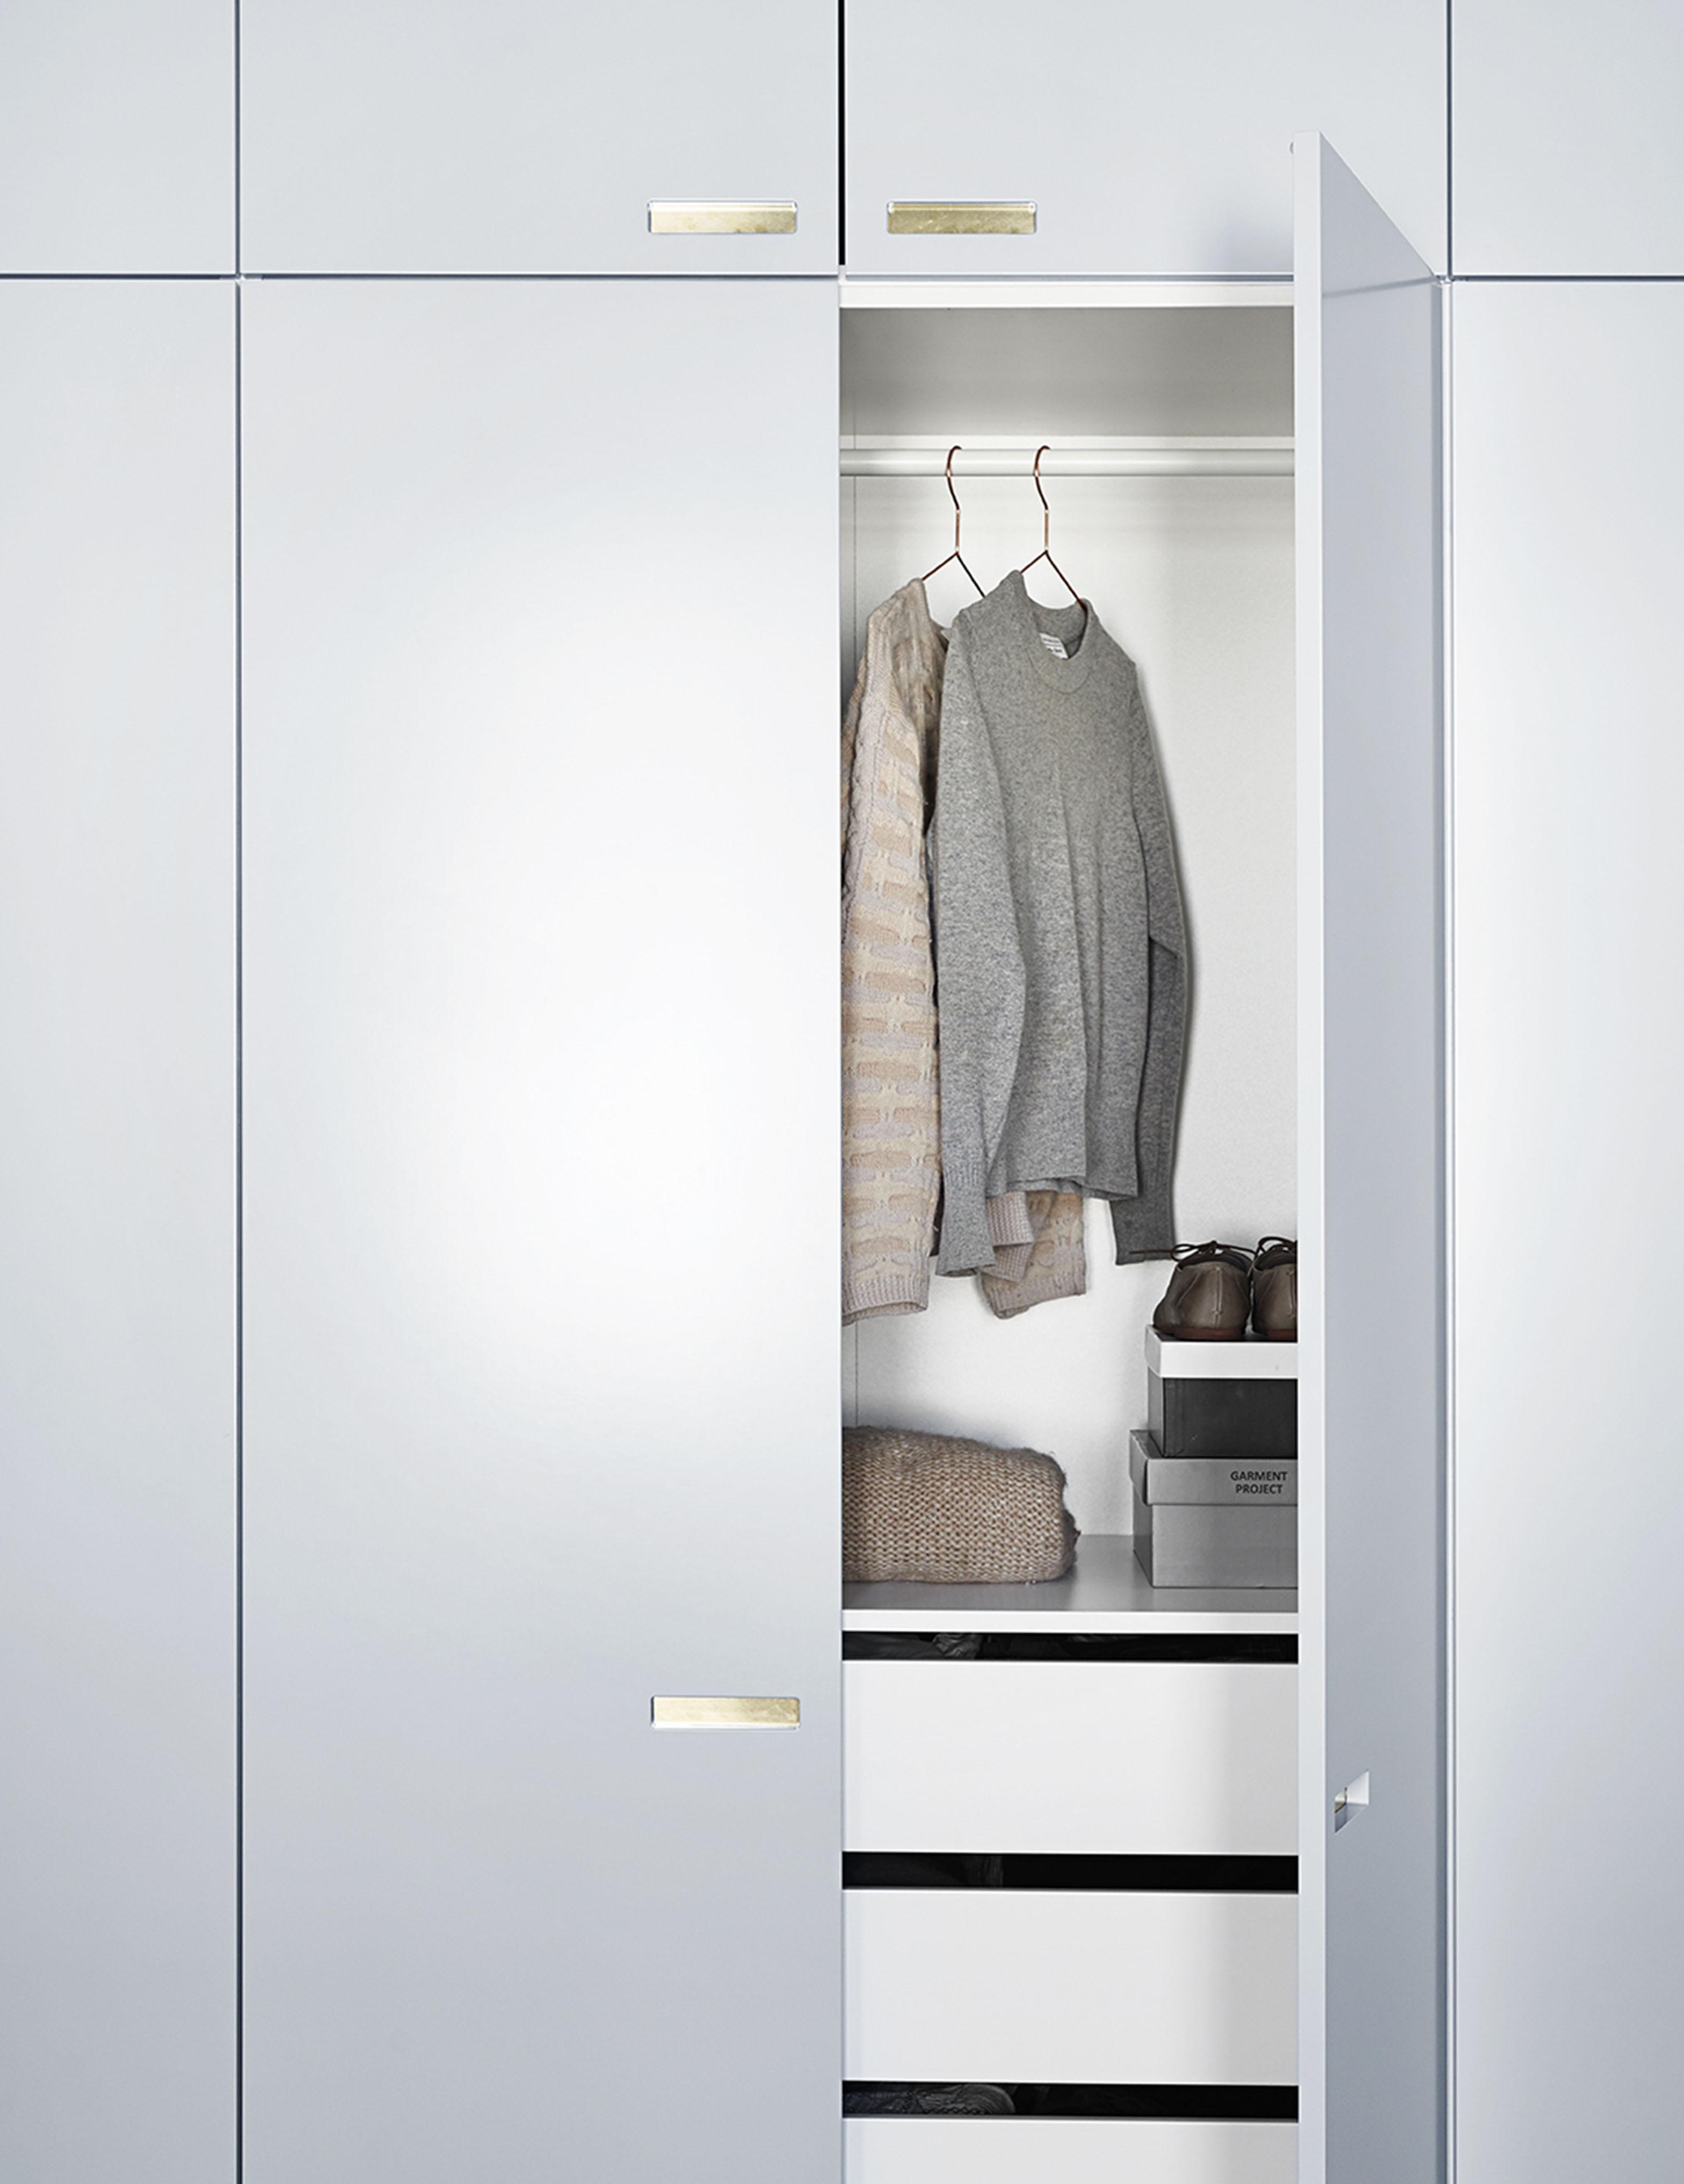 ikea-hack-designer-skab-garderobe-skabslåger-til-ikea-pax-painted-fronter-til-ikea-and-shufl-andshufl-2